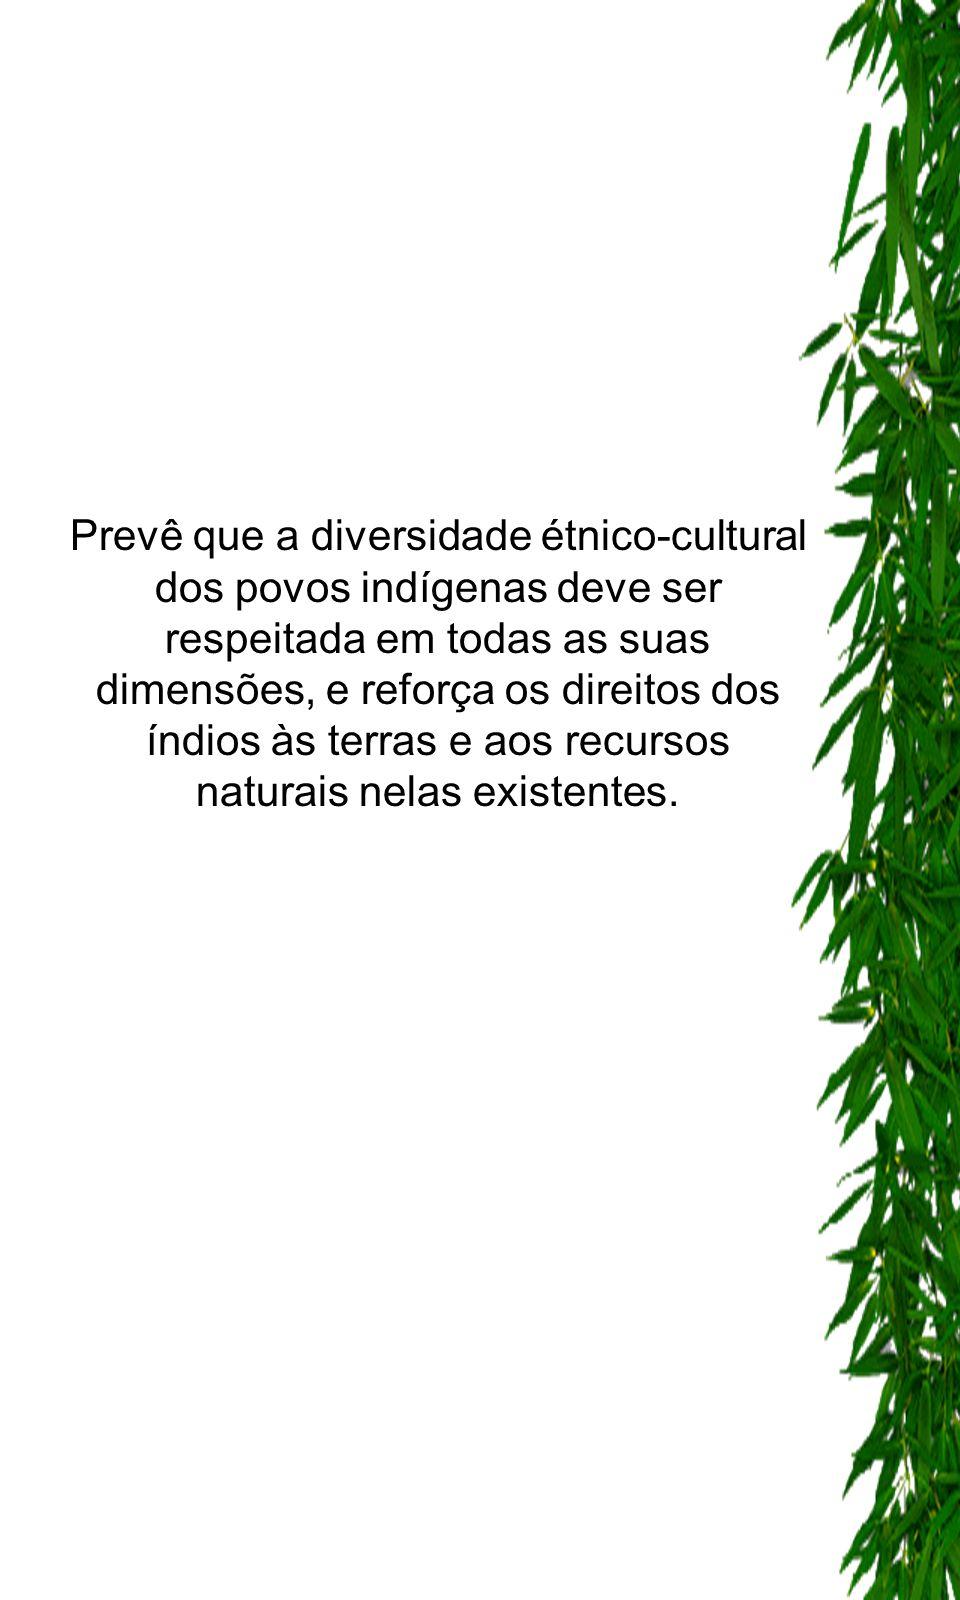 -Obriga os governos a adotarem medidas para proteger e preservar o meio ambiente dos territórios habitados por indígenas (art. 7º).